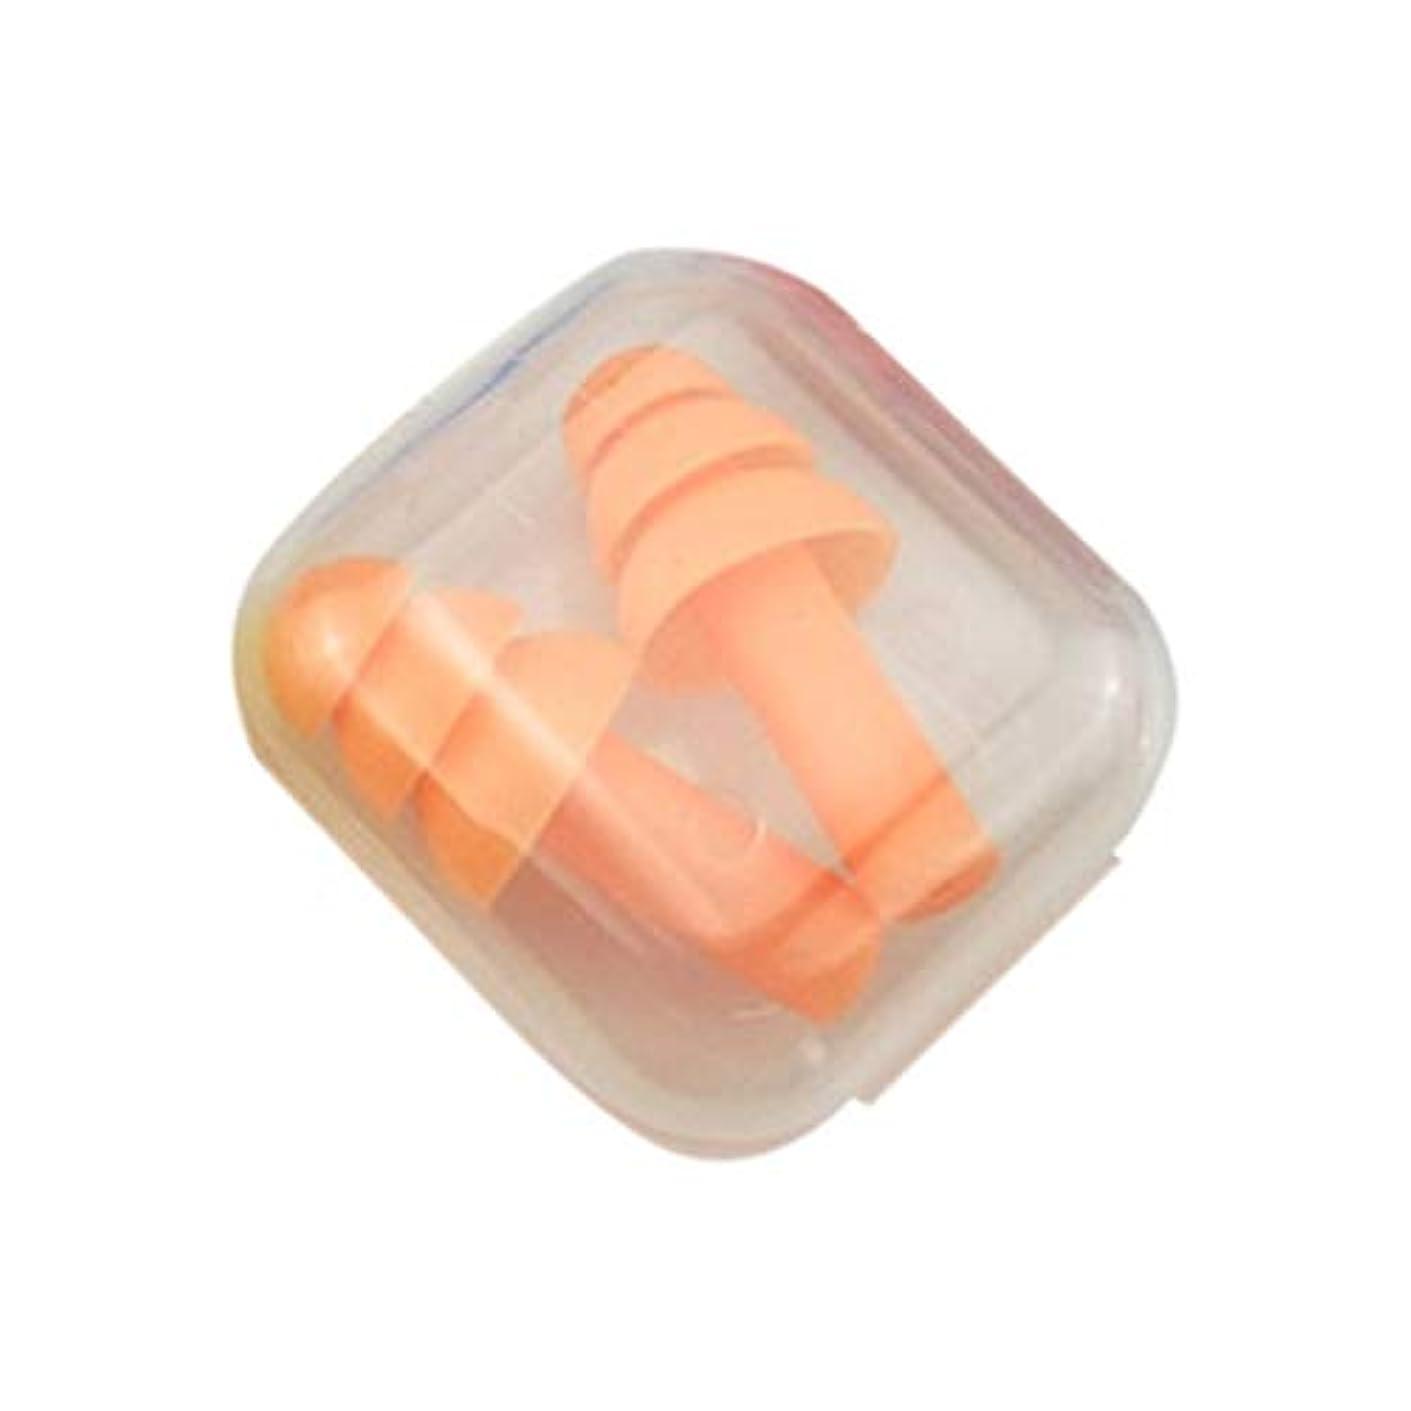 倫理好意現実的柔らかいシリコーンの耳栓遮音用耳の保護用の耳栓防音睡眠ボックス付き収納ボックス - オレンジ